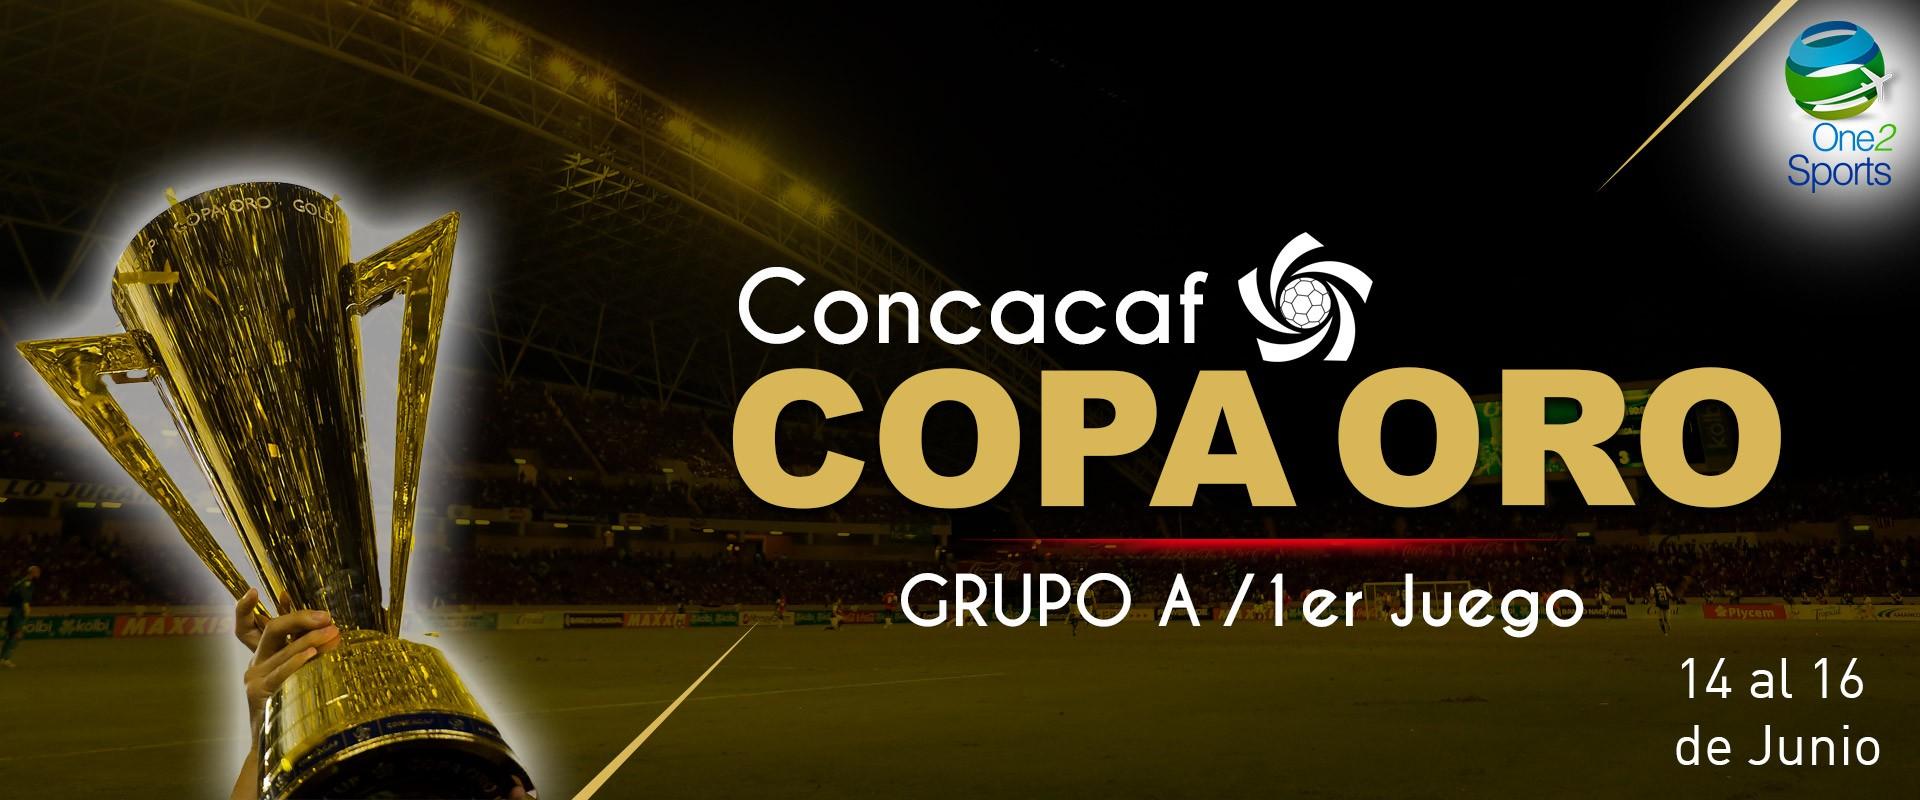 Copa Oro, 1er Juego del grupo A